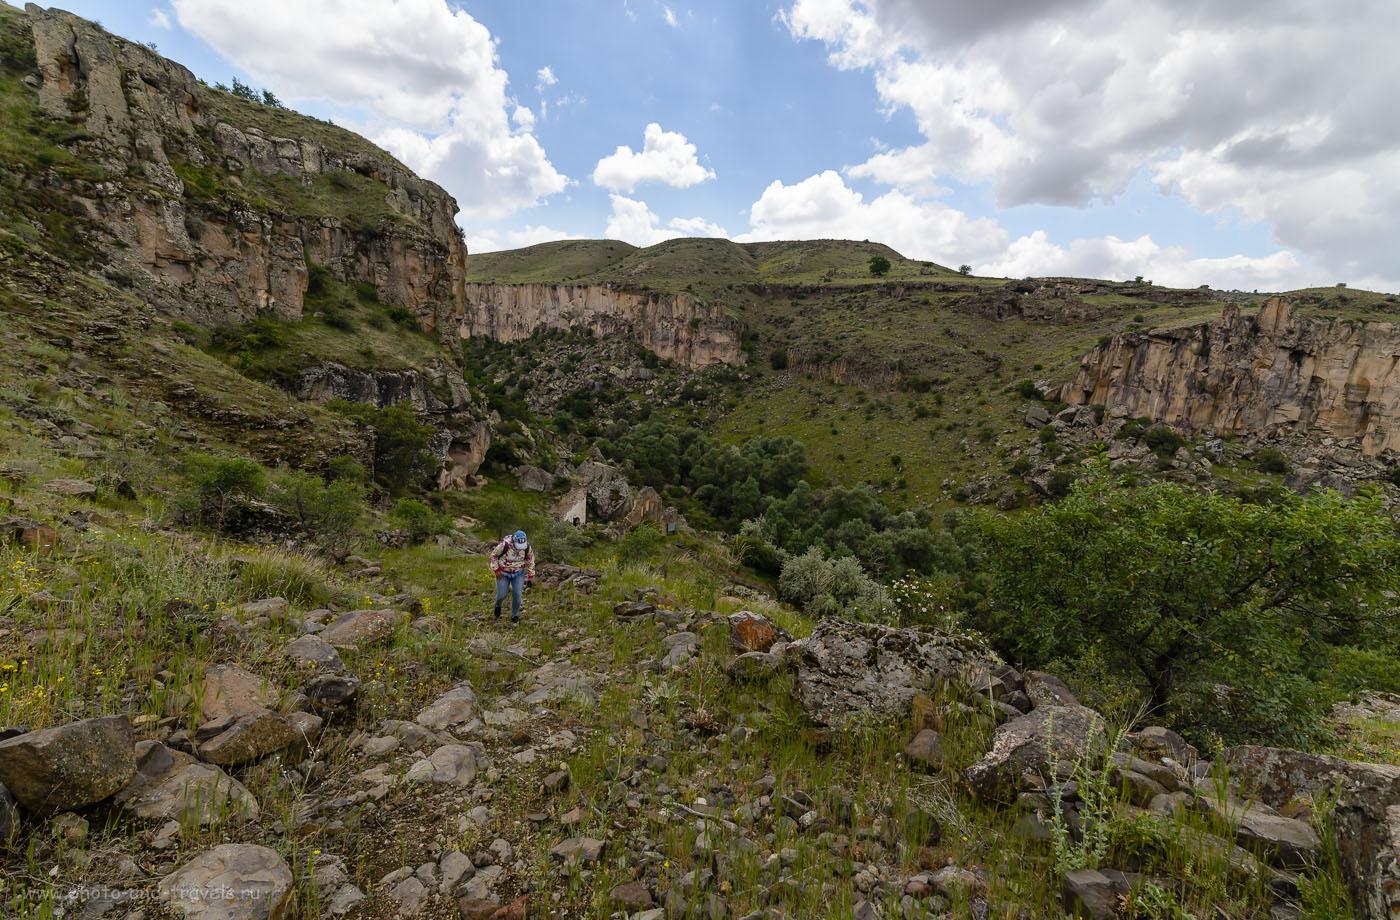 Фотография 10. Восхождение на смотровую площадку в Ihlara Valley недалеко от церкви Карагедик. Турция. Думаете, путевка позволит вам посмотреть такие красивые места? 1/250, -2.0, 8.0, 100, 14.